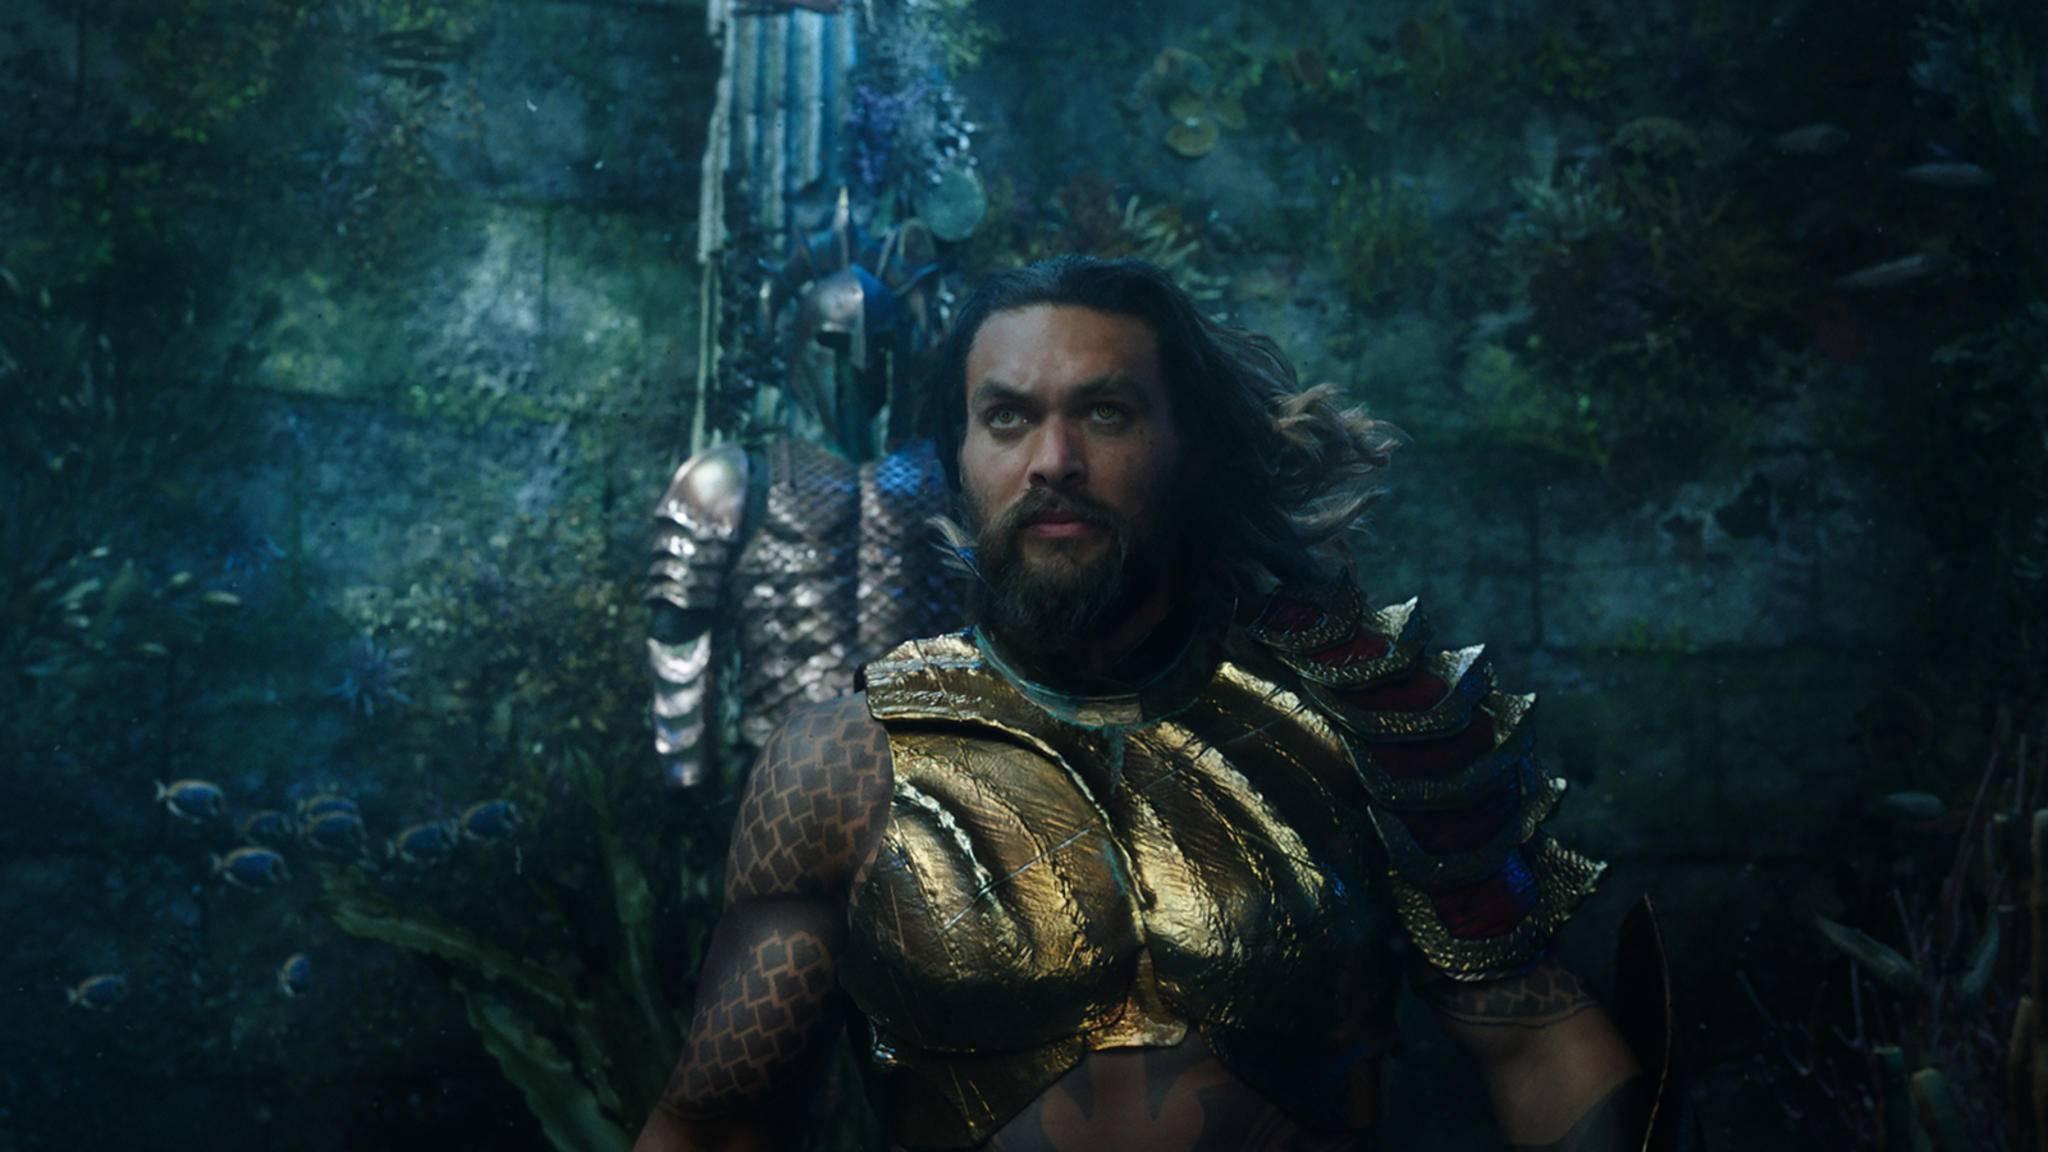 Jason Momoa macht als Aquaman eine glänzende Figur.